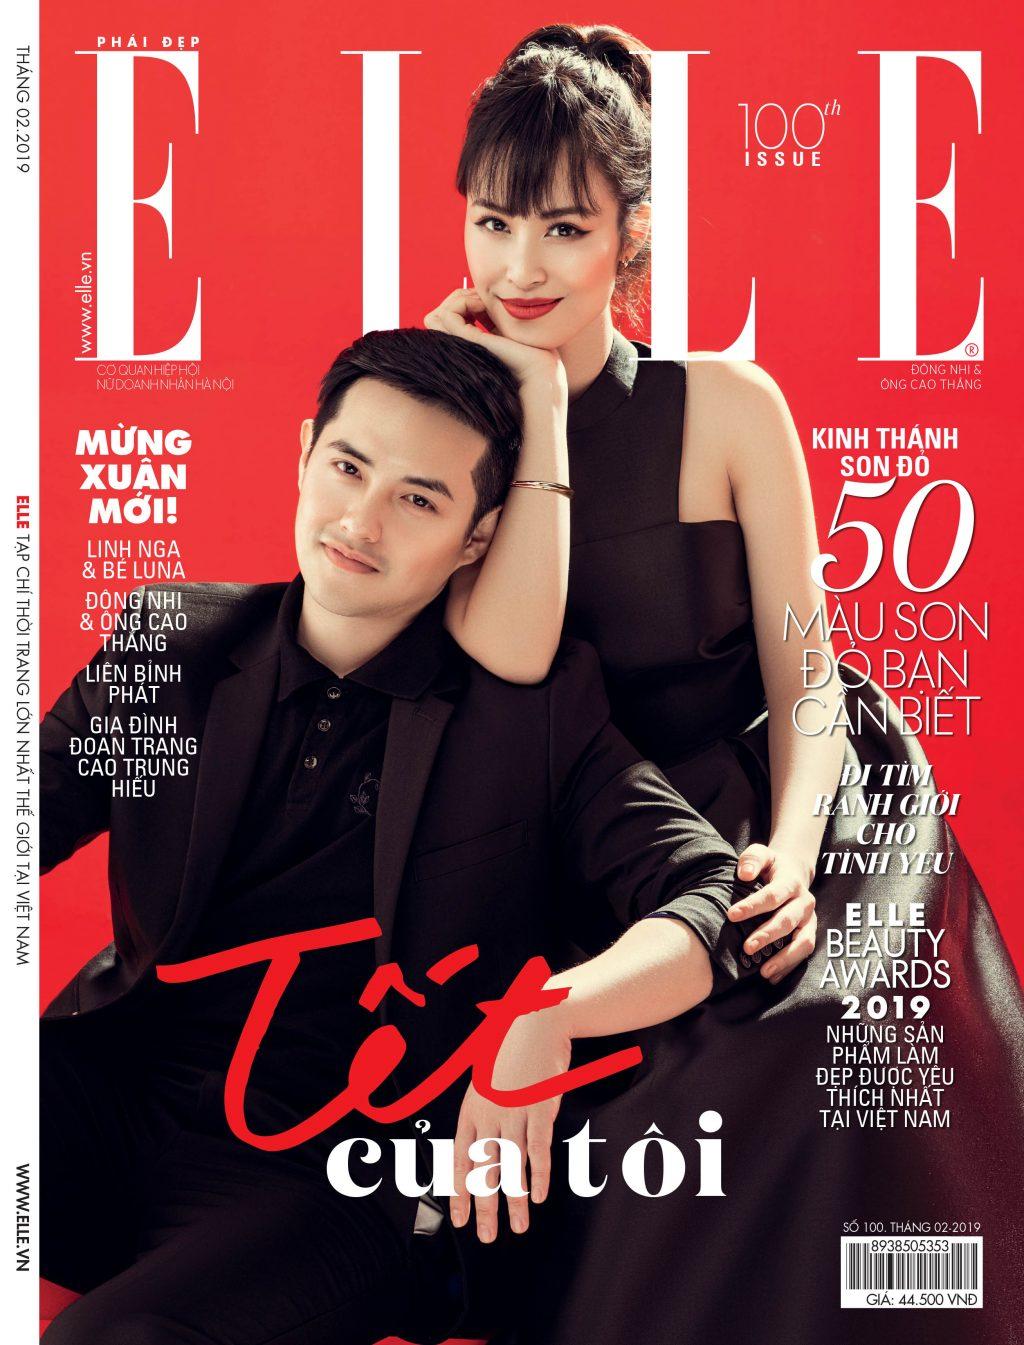 ELLE-STYLE-AWARDS-2019- Trang bìa ELLE Đông Nhi và Ông Cao Thắng-